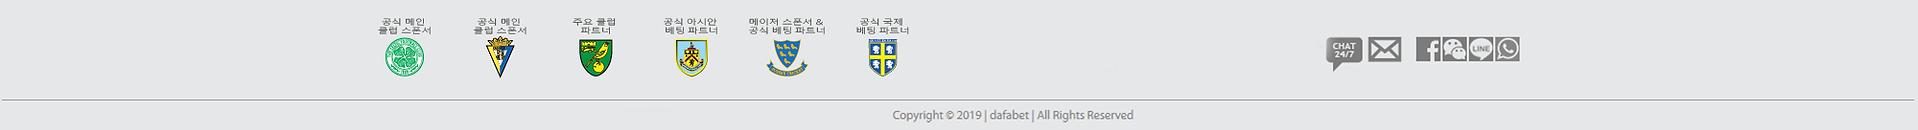 한국 스폰.png